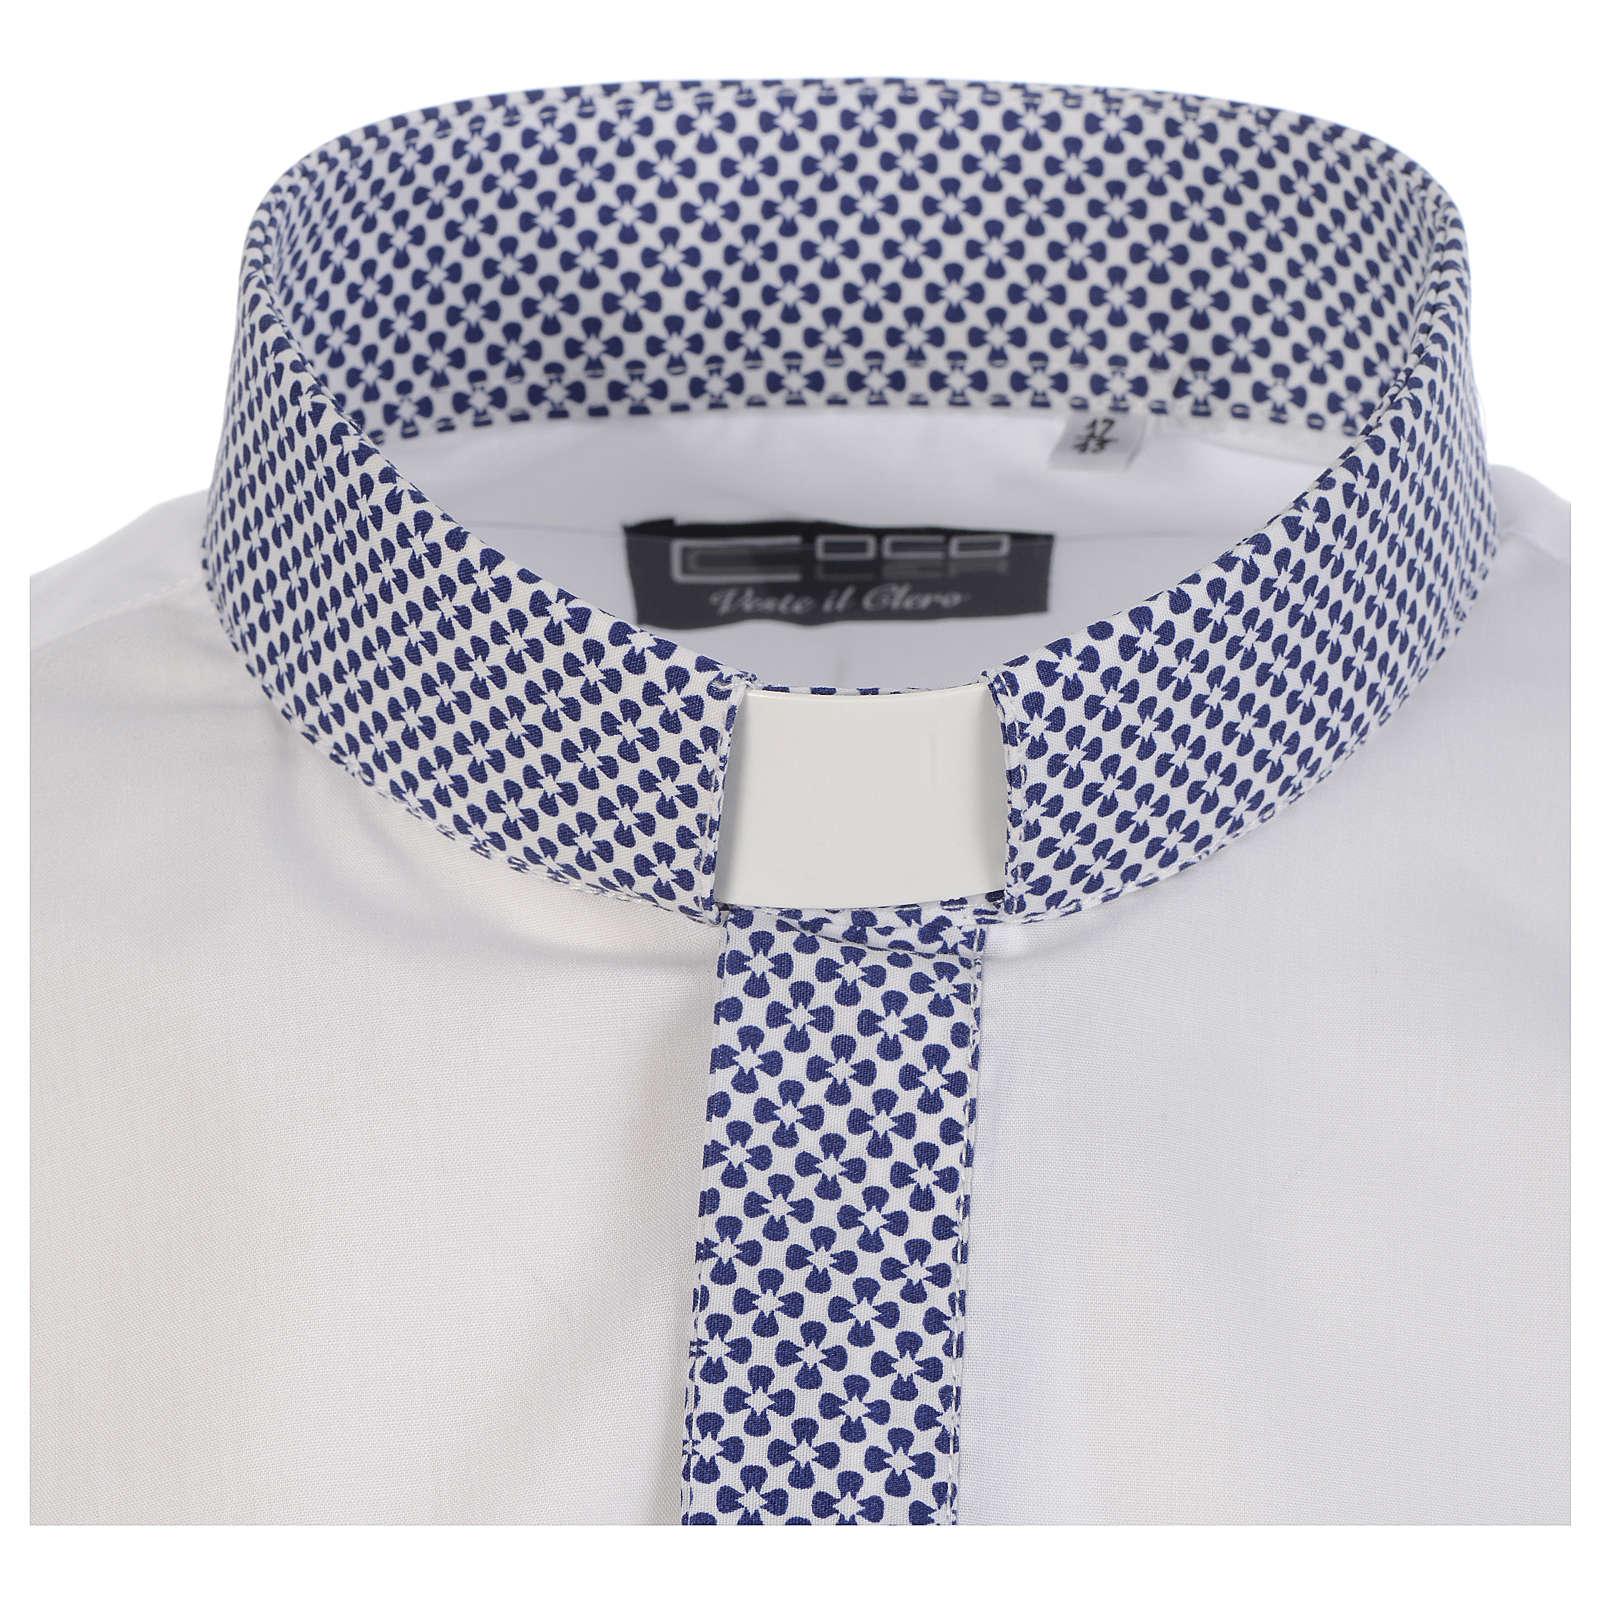 Koszula kapłańska kontrast krzyże biały długi rękaw 4